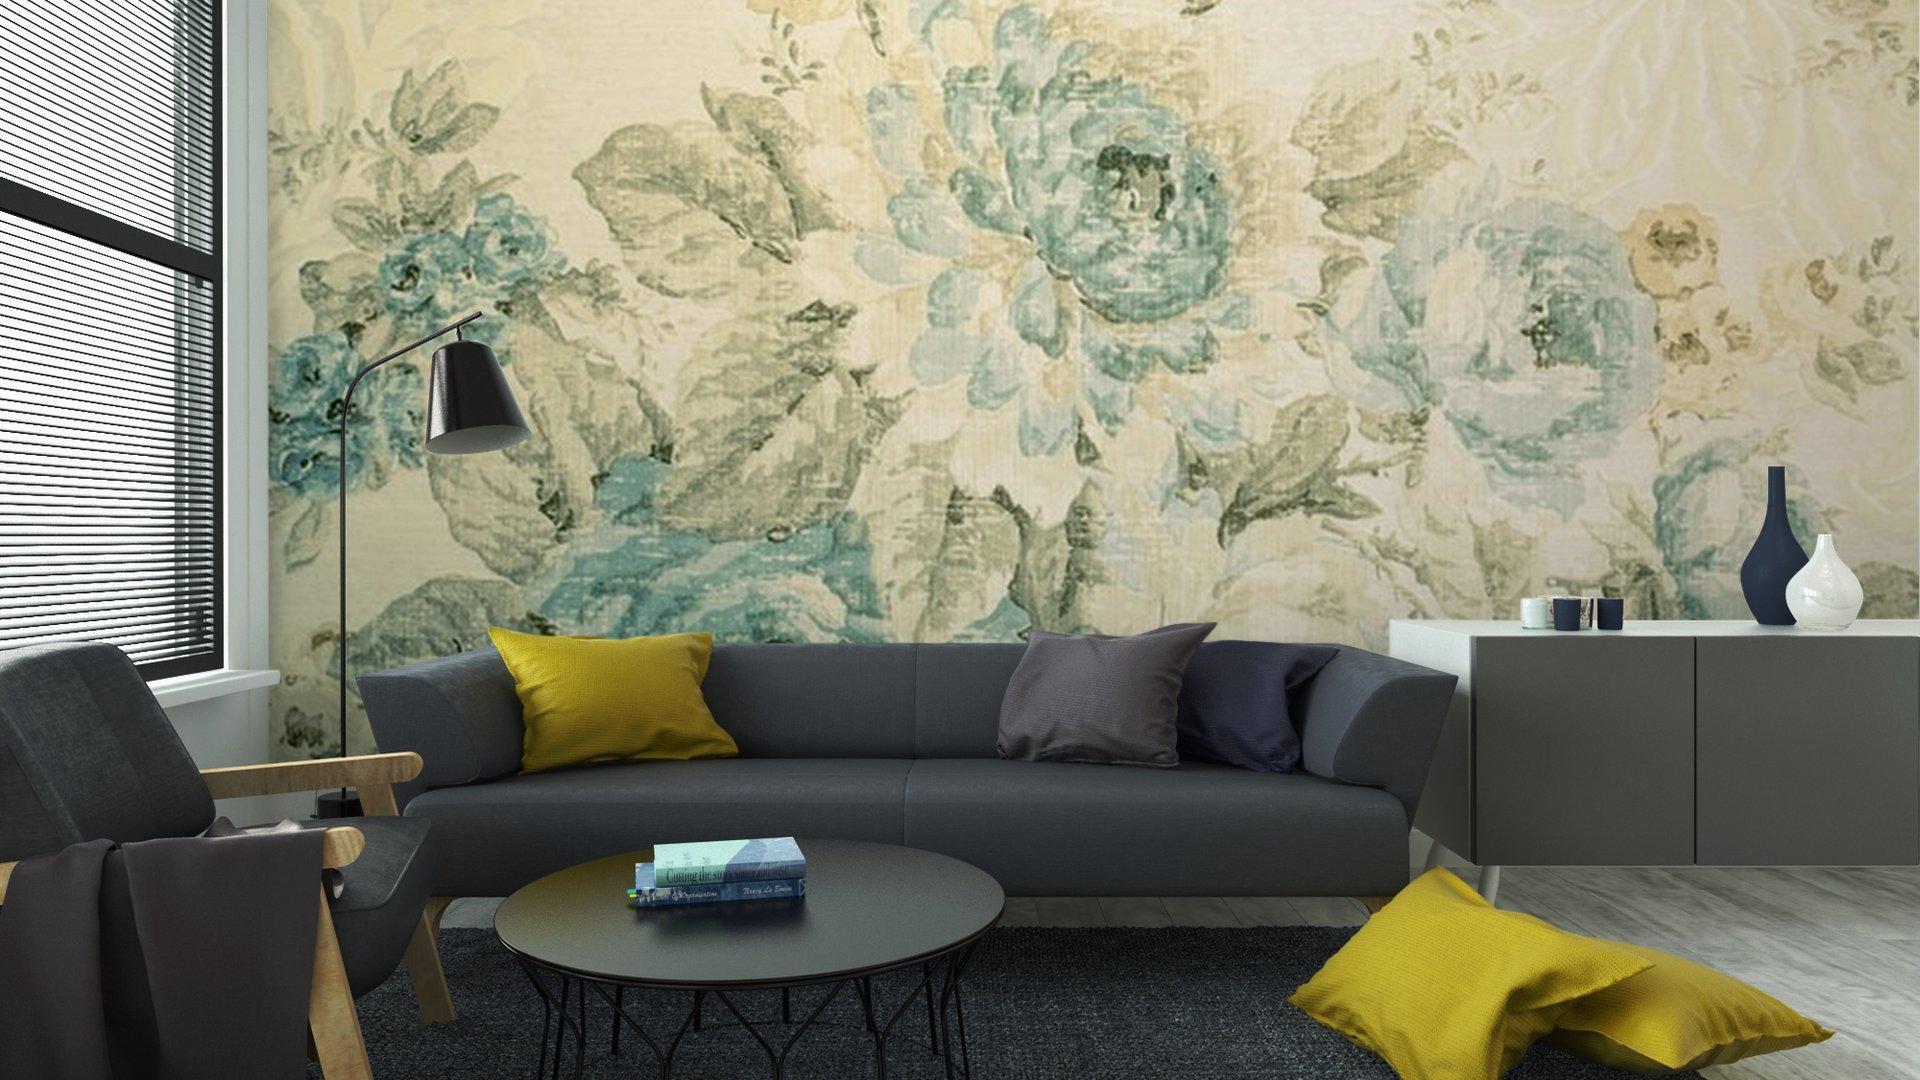 PAPEL PINTADO CON EL MODELO DEL VICTORIAN AZUL FLORAL5 - Fotomural Tapiz Azul Floral Victorian